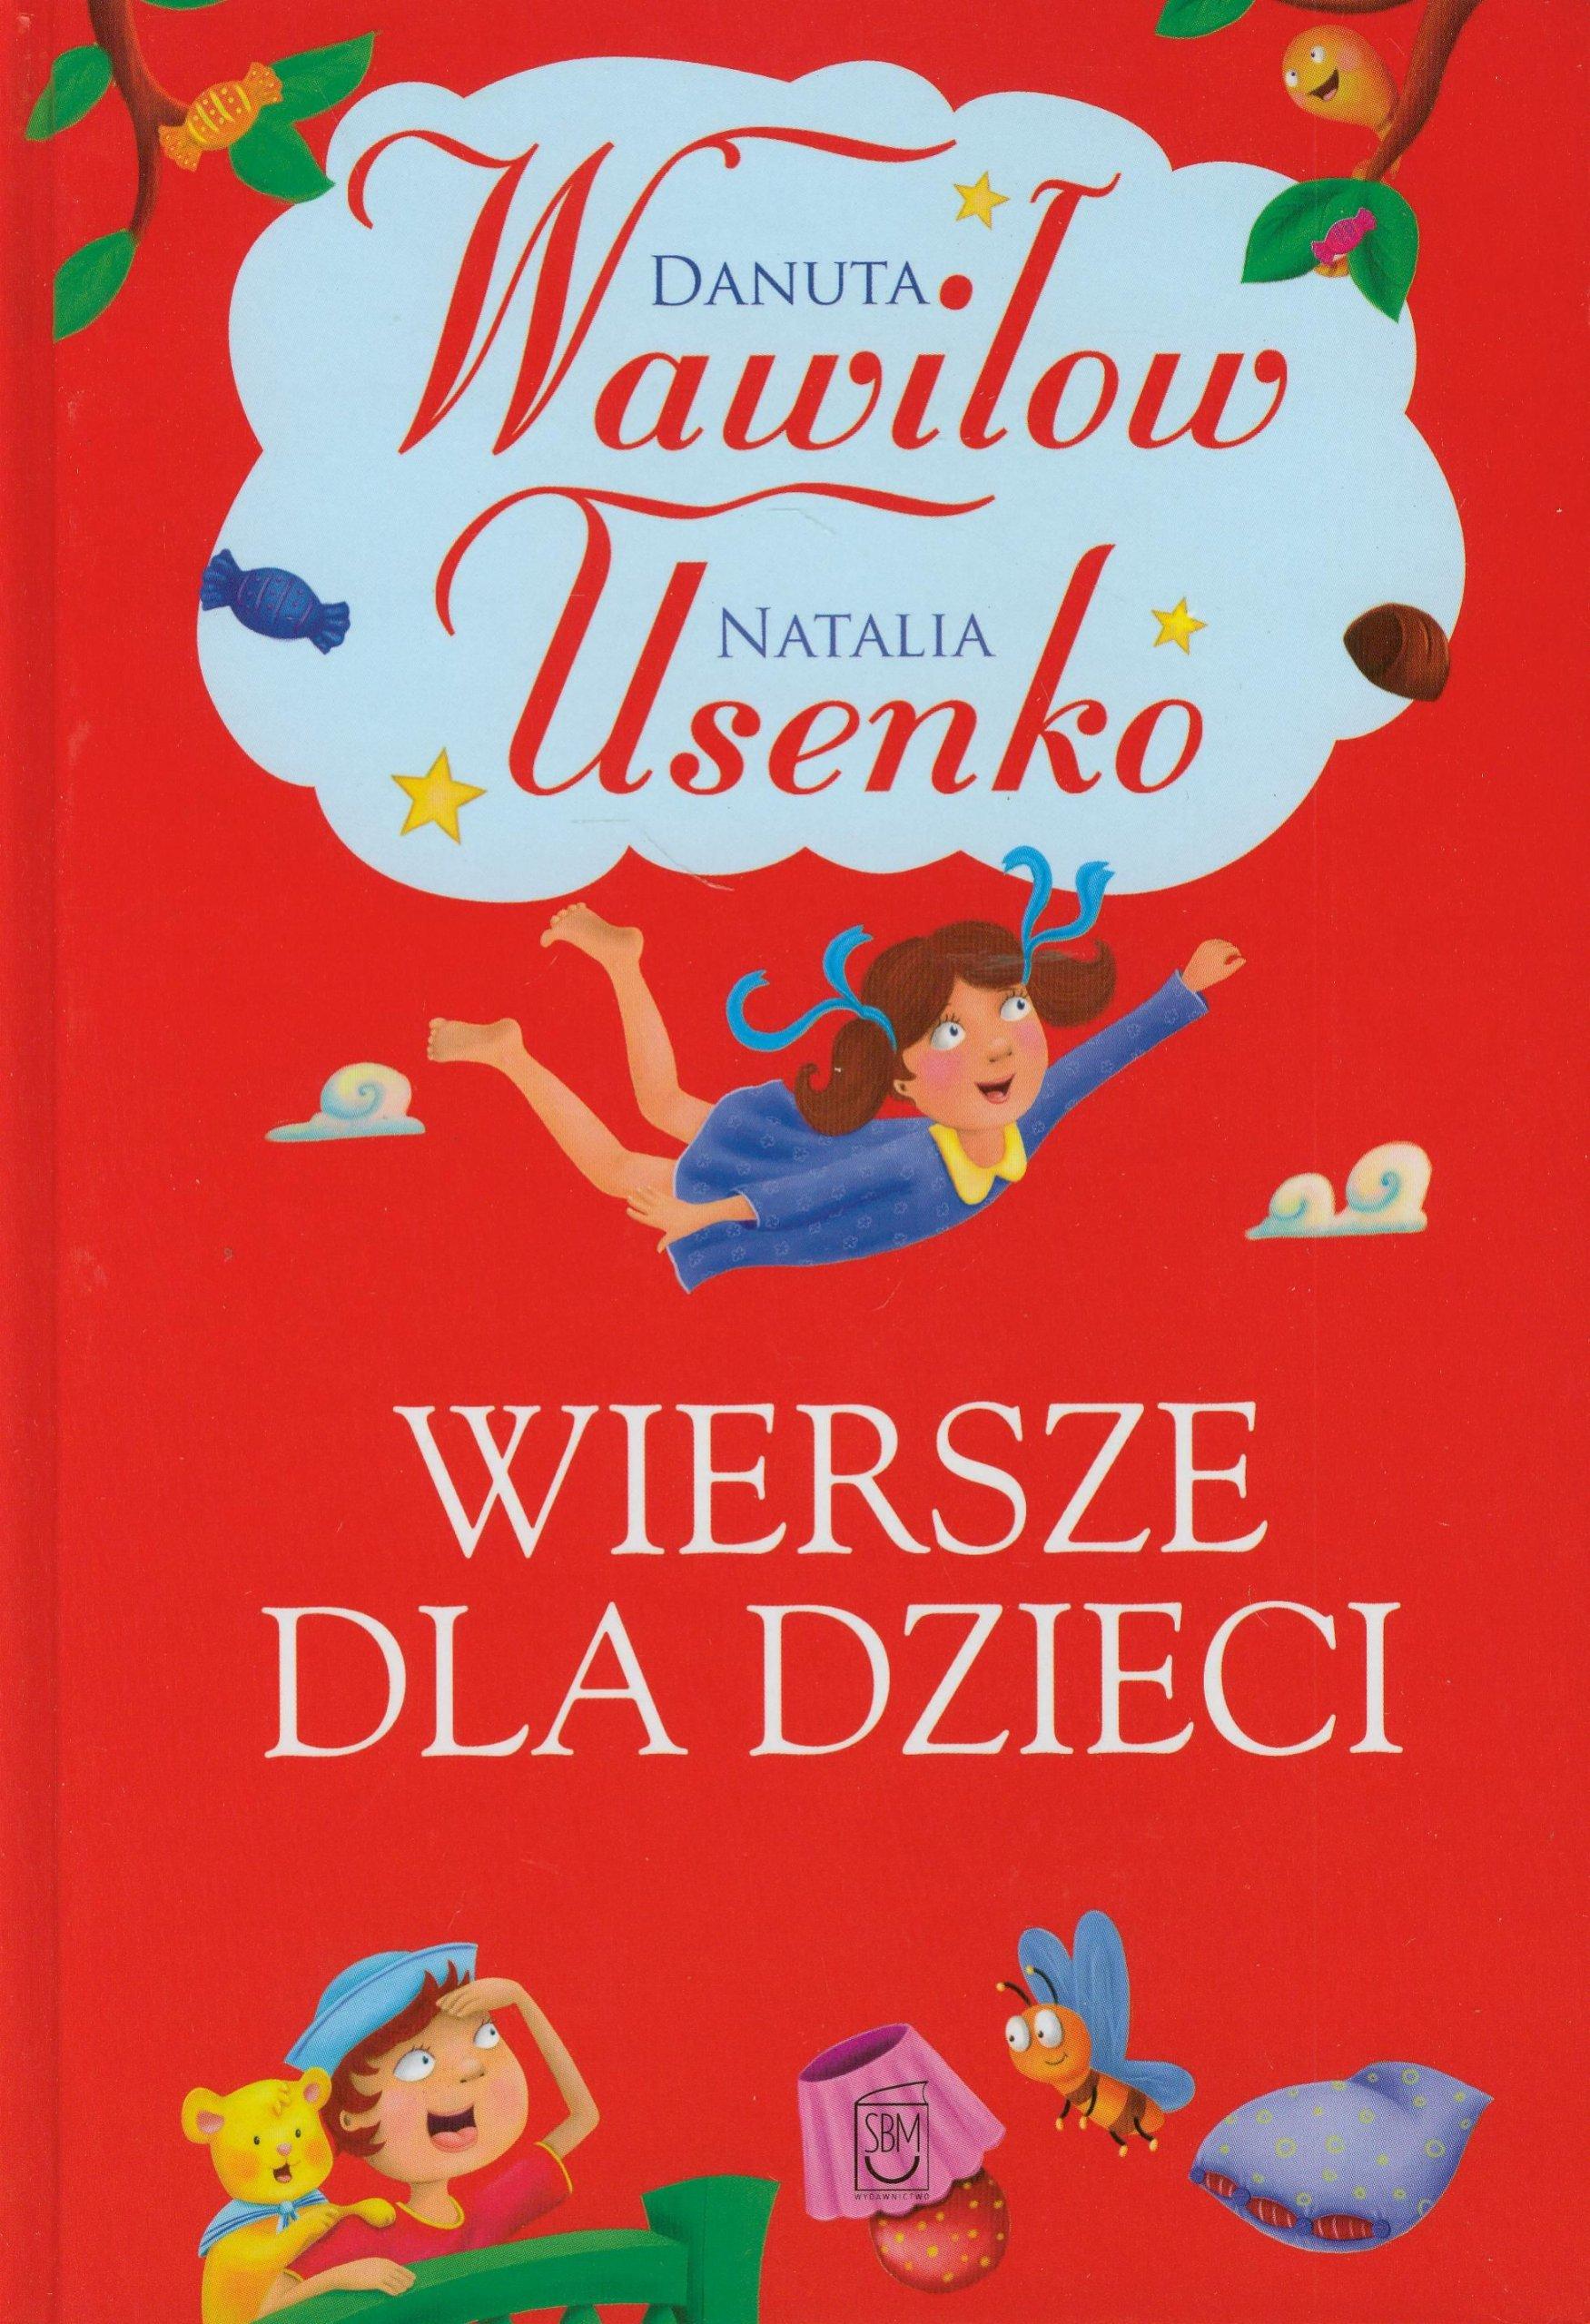 Wiersze Dla Dzieci Amazoncouk Natalia Usenko Danuta